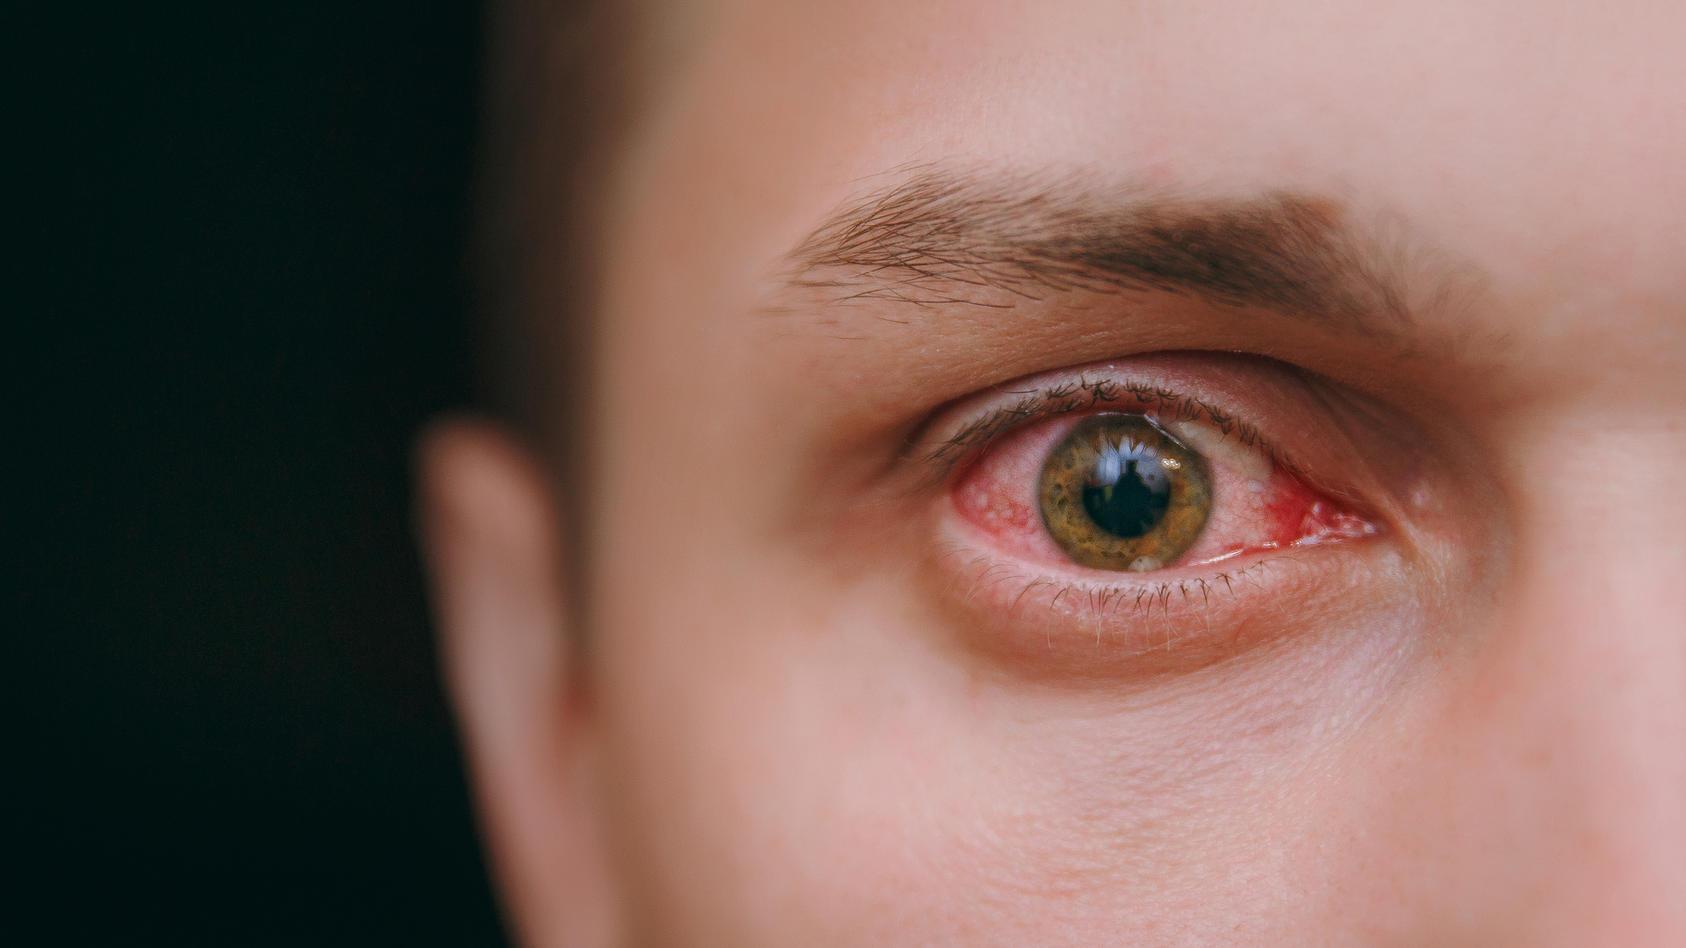 Dringt das Coronavirus über unsere Augen ein? Diese Frage wird von der Forschung diskutiert.